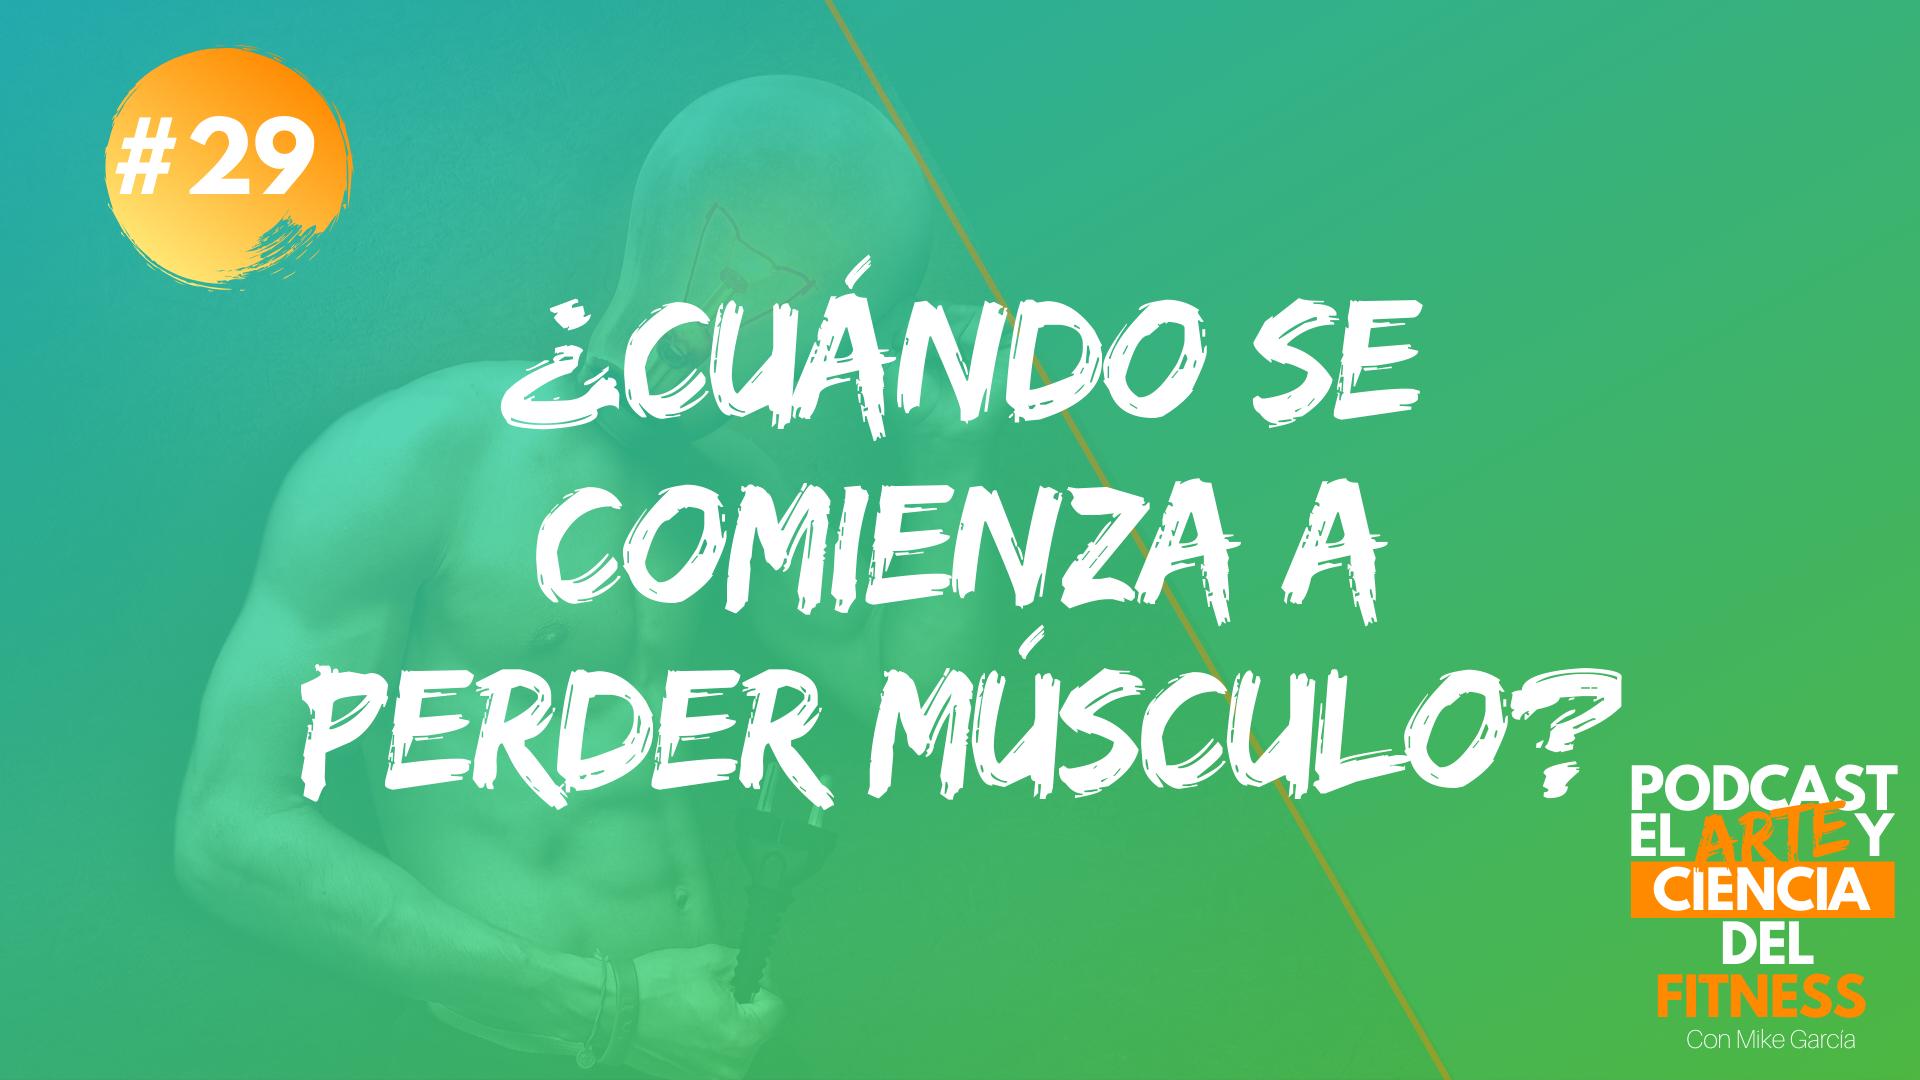 Podcast #29: ¿Cuándo Se Comienza a Perder Músculo?